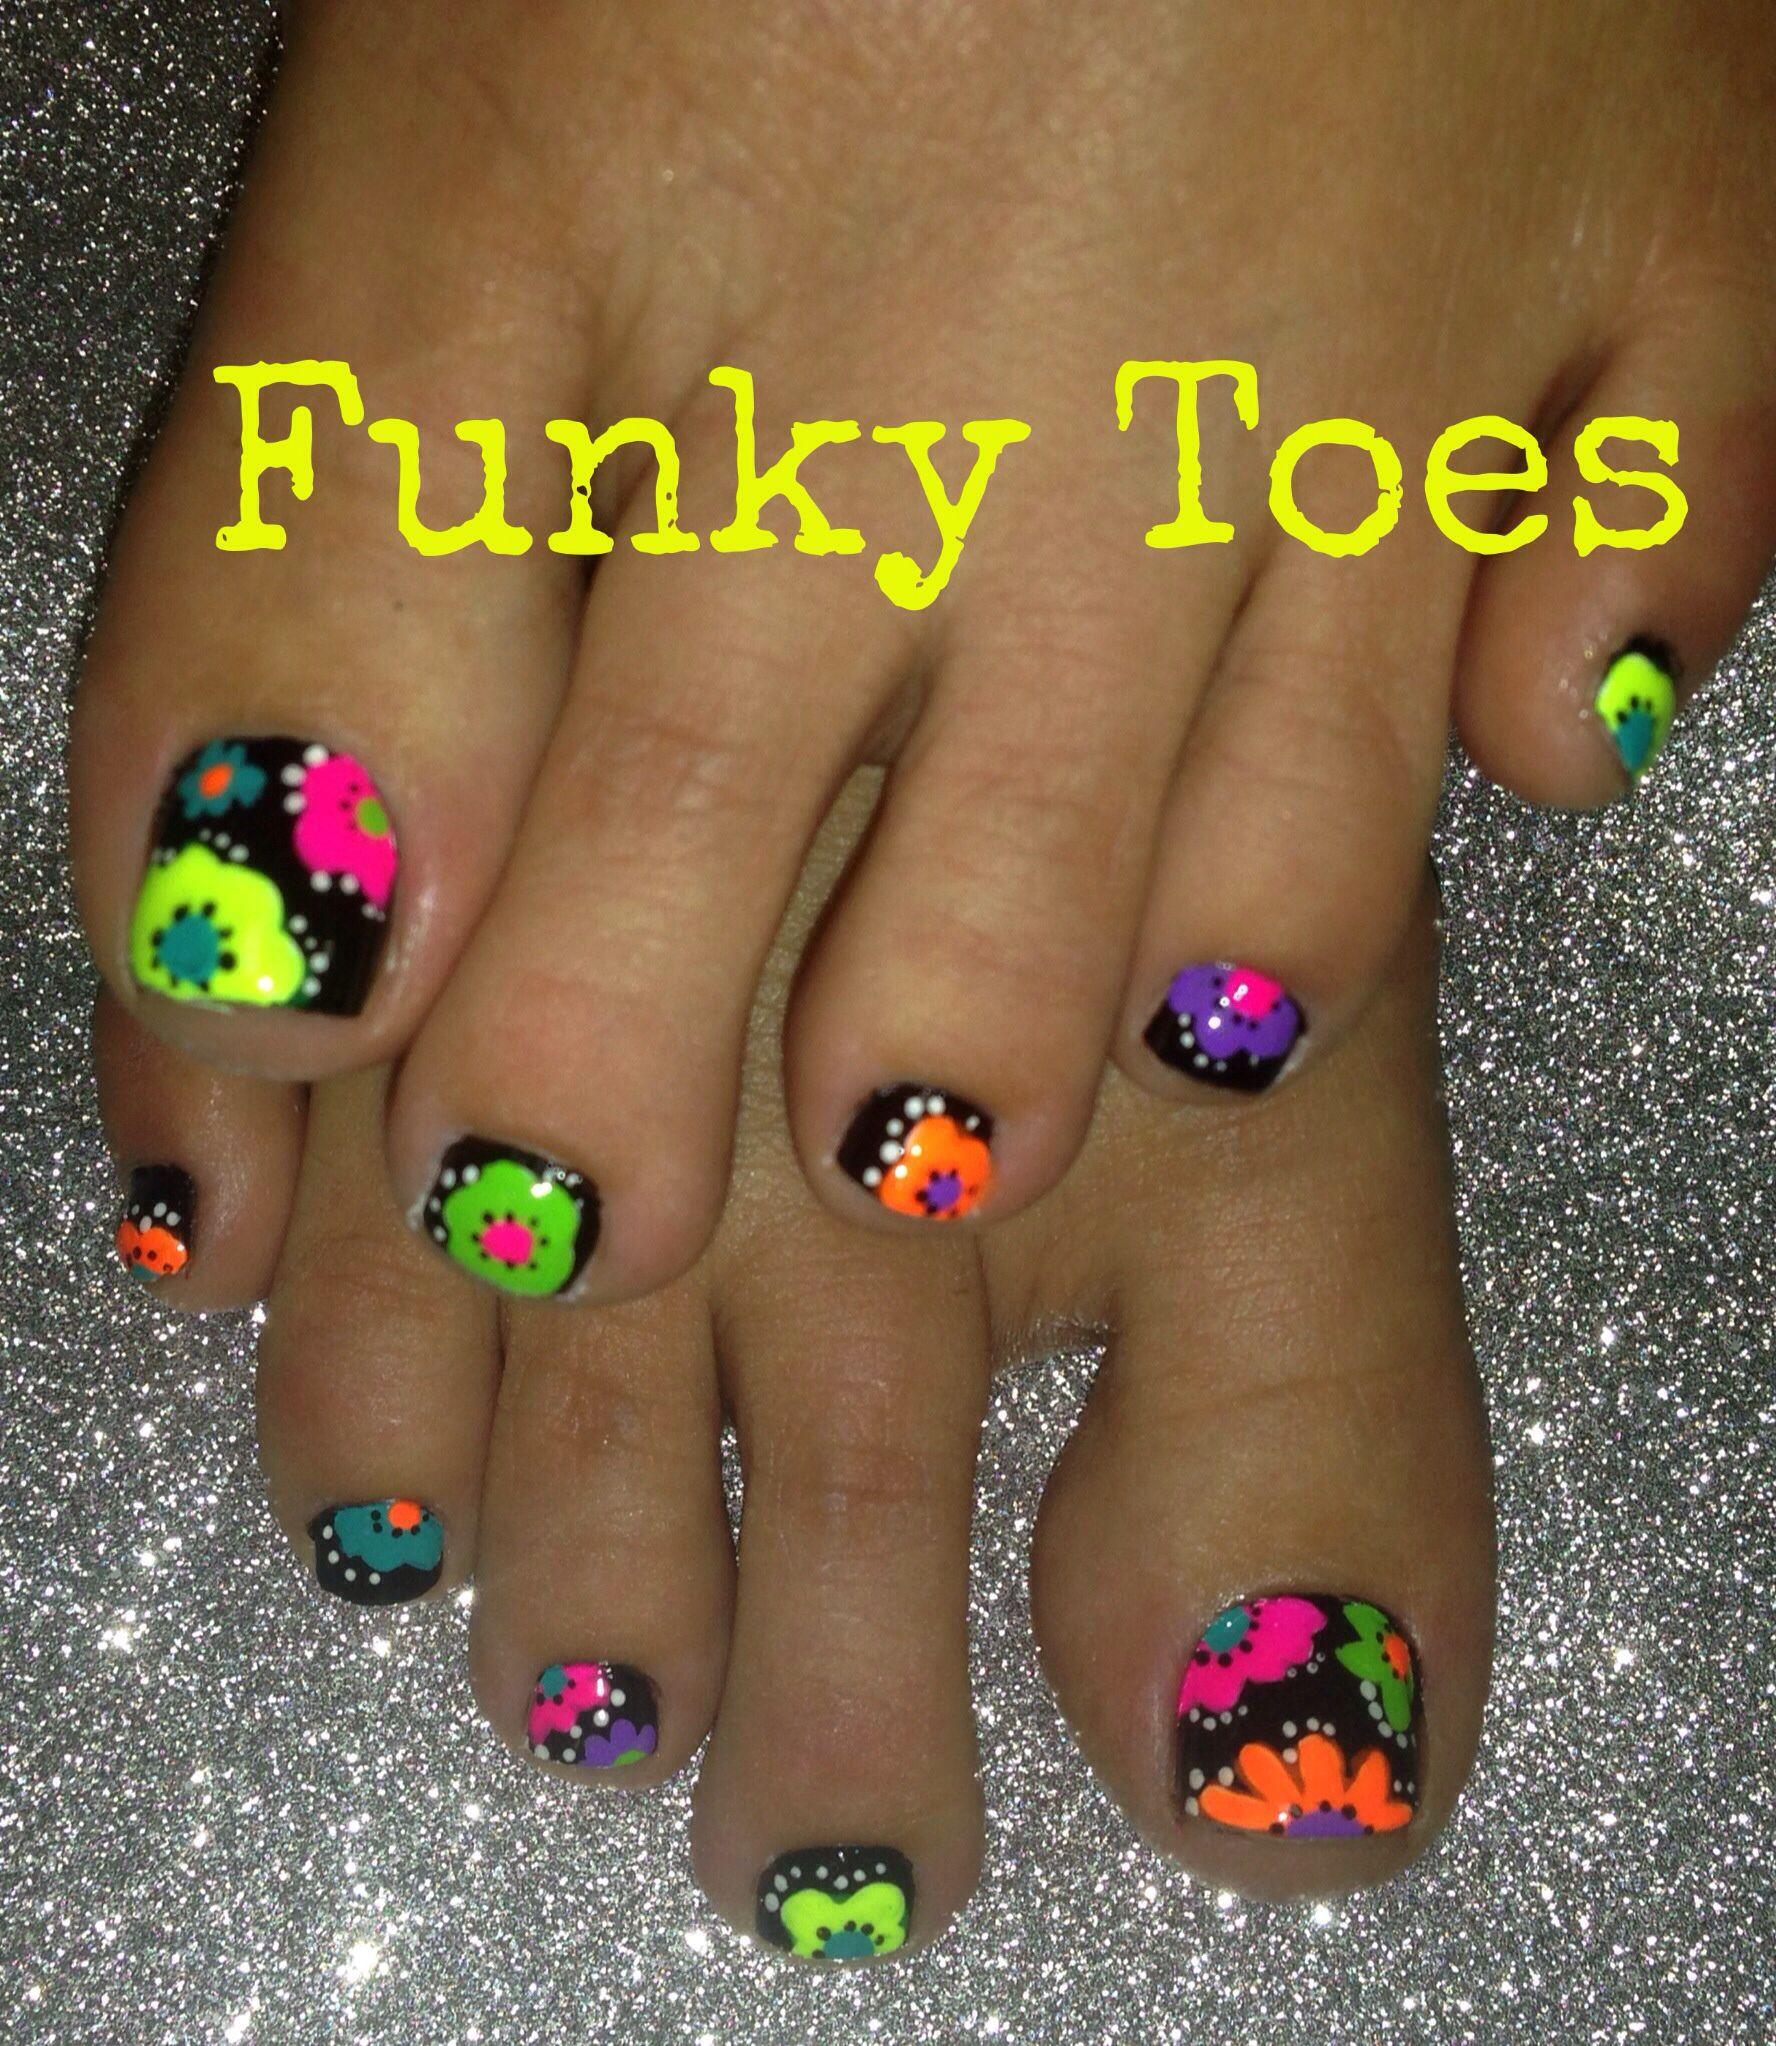 Neon Toenail Art Flower Design Toenail Art Designs Toe Nail Art Summer Toe Nails